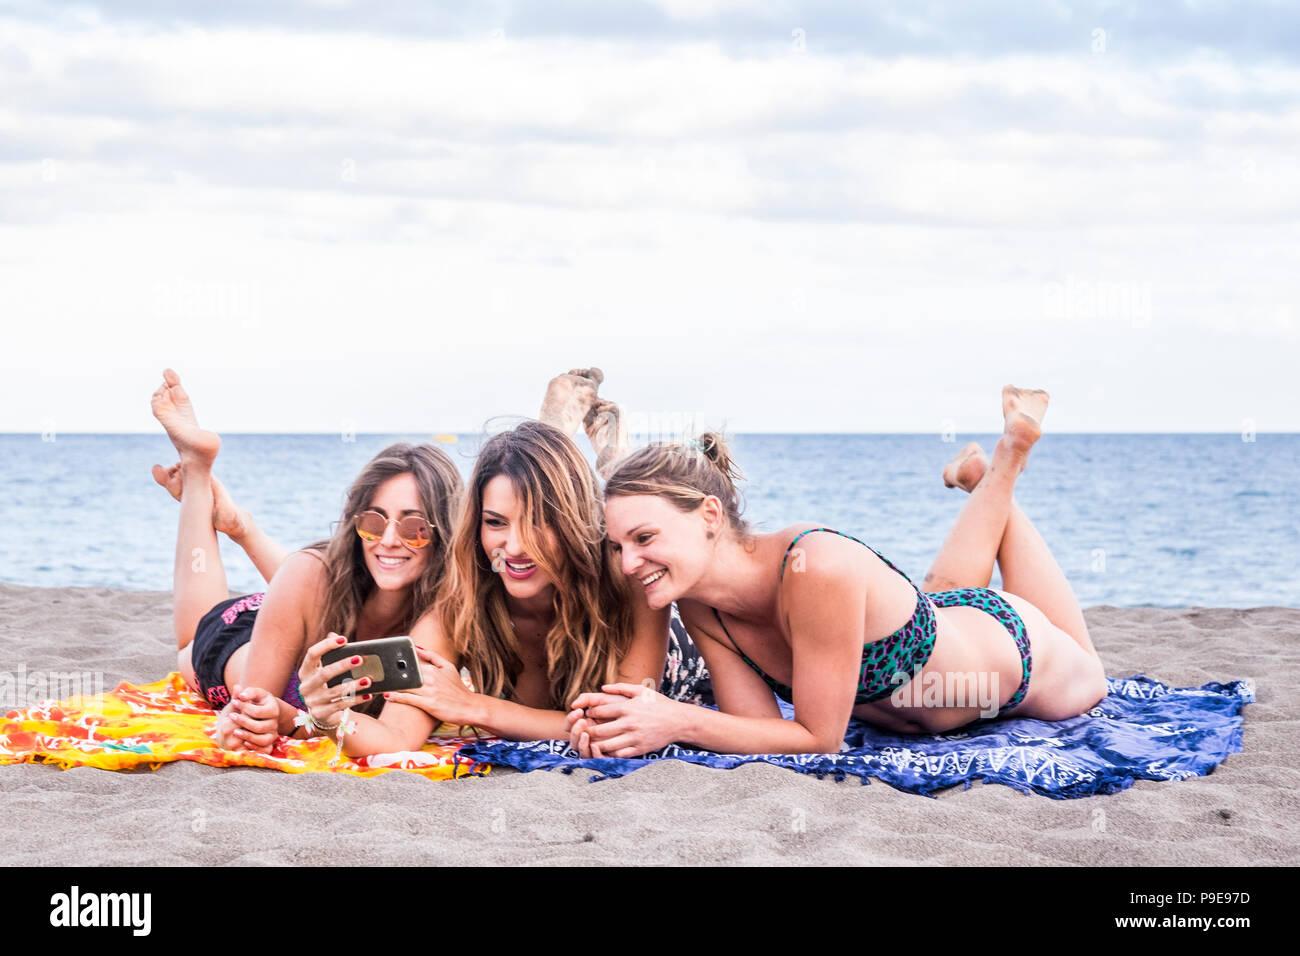 Gruppe von drei schöne Mädchen in der Freundschaft bleiben lag unten am Strand sprechen entspannt und mit einem Smartphone ihr Sommer Lifestyle mit Fr. zu teilen Stockfoto